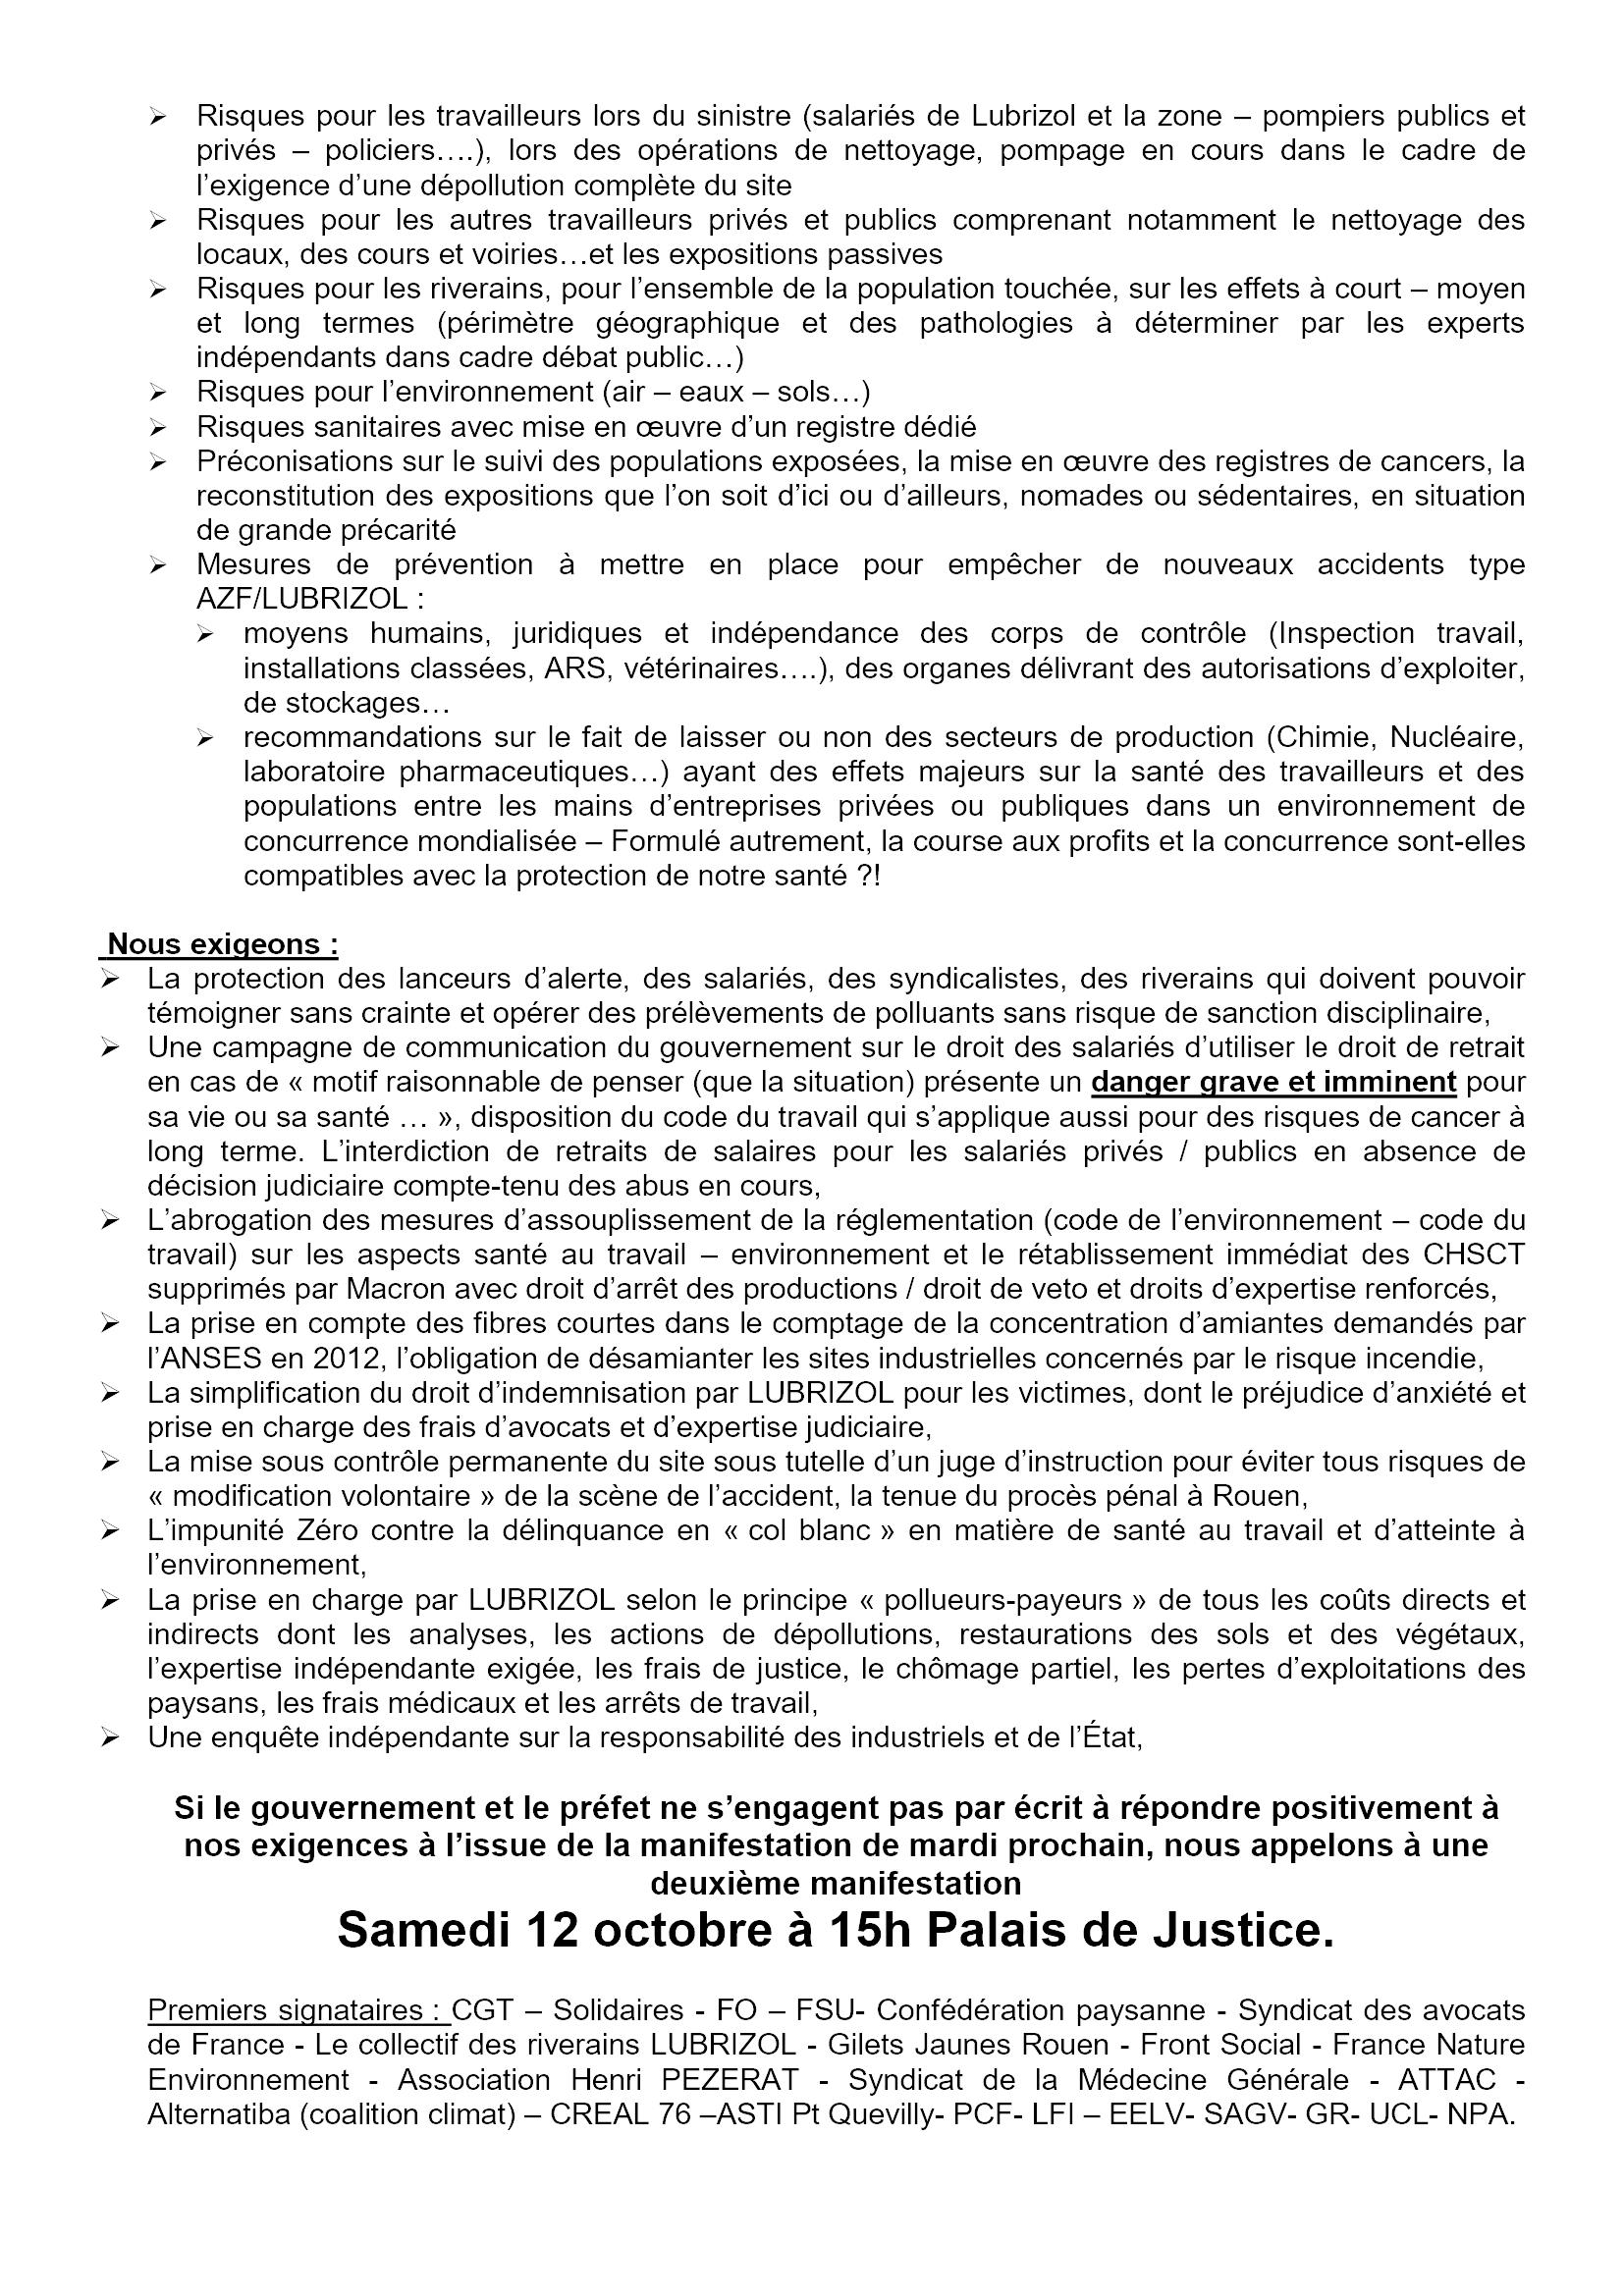 Nouvel appel à manifestation unitaire Lubrizol le 08-10-2019 [Verso]